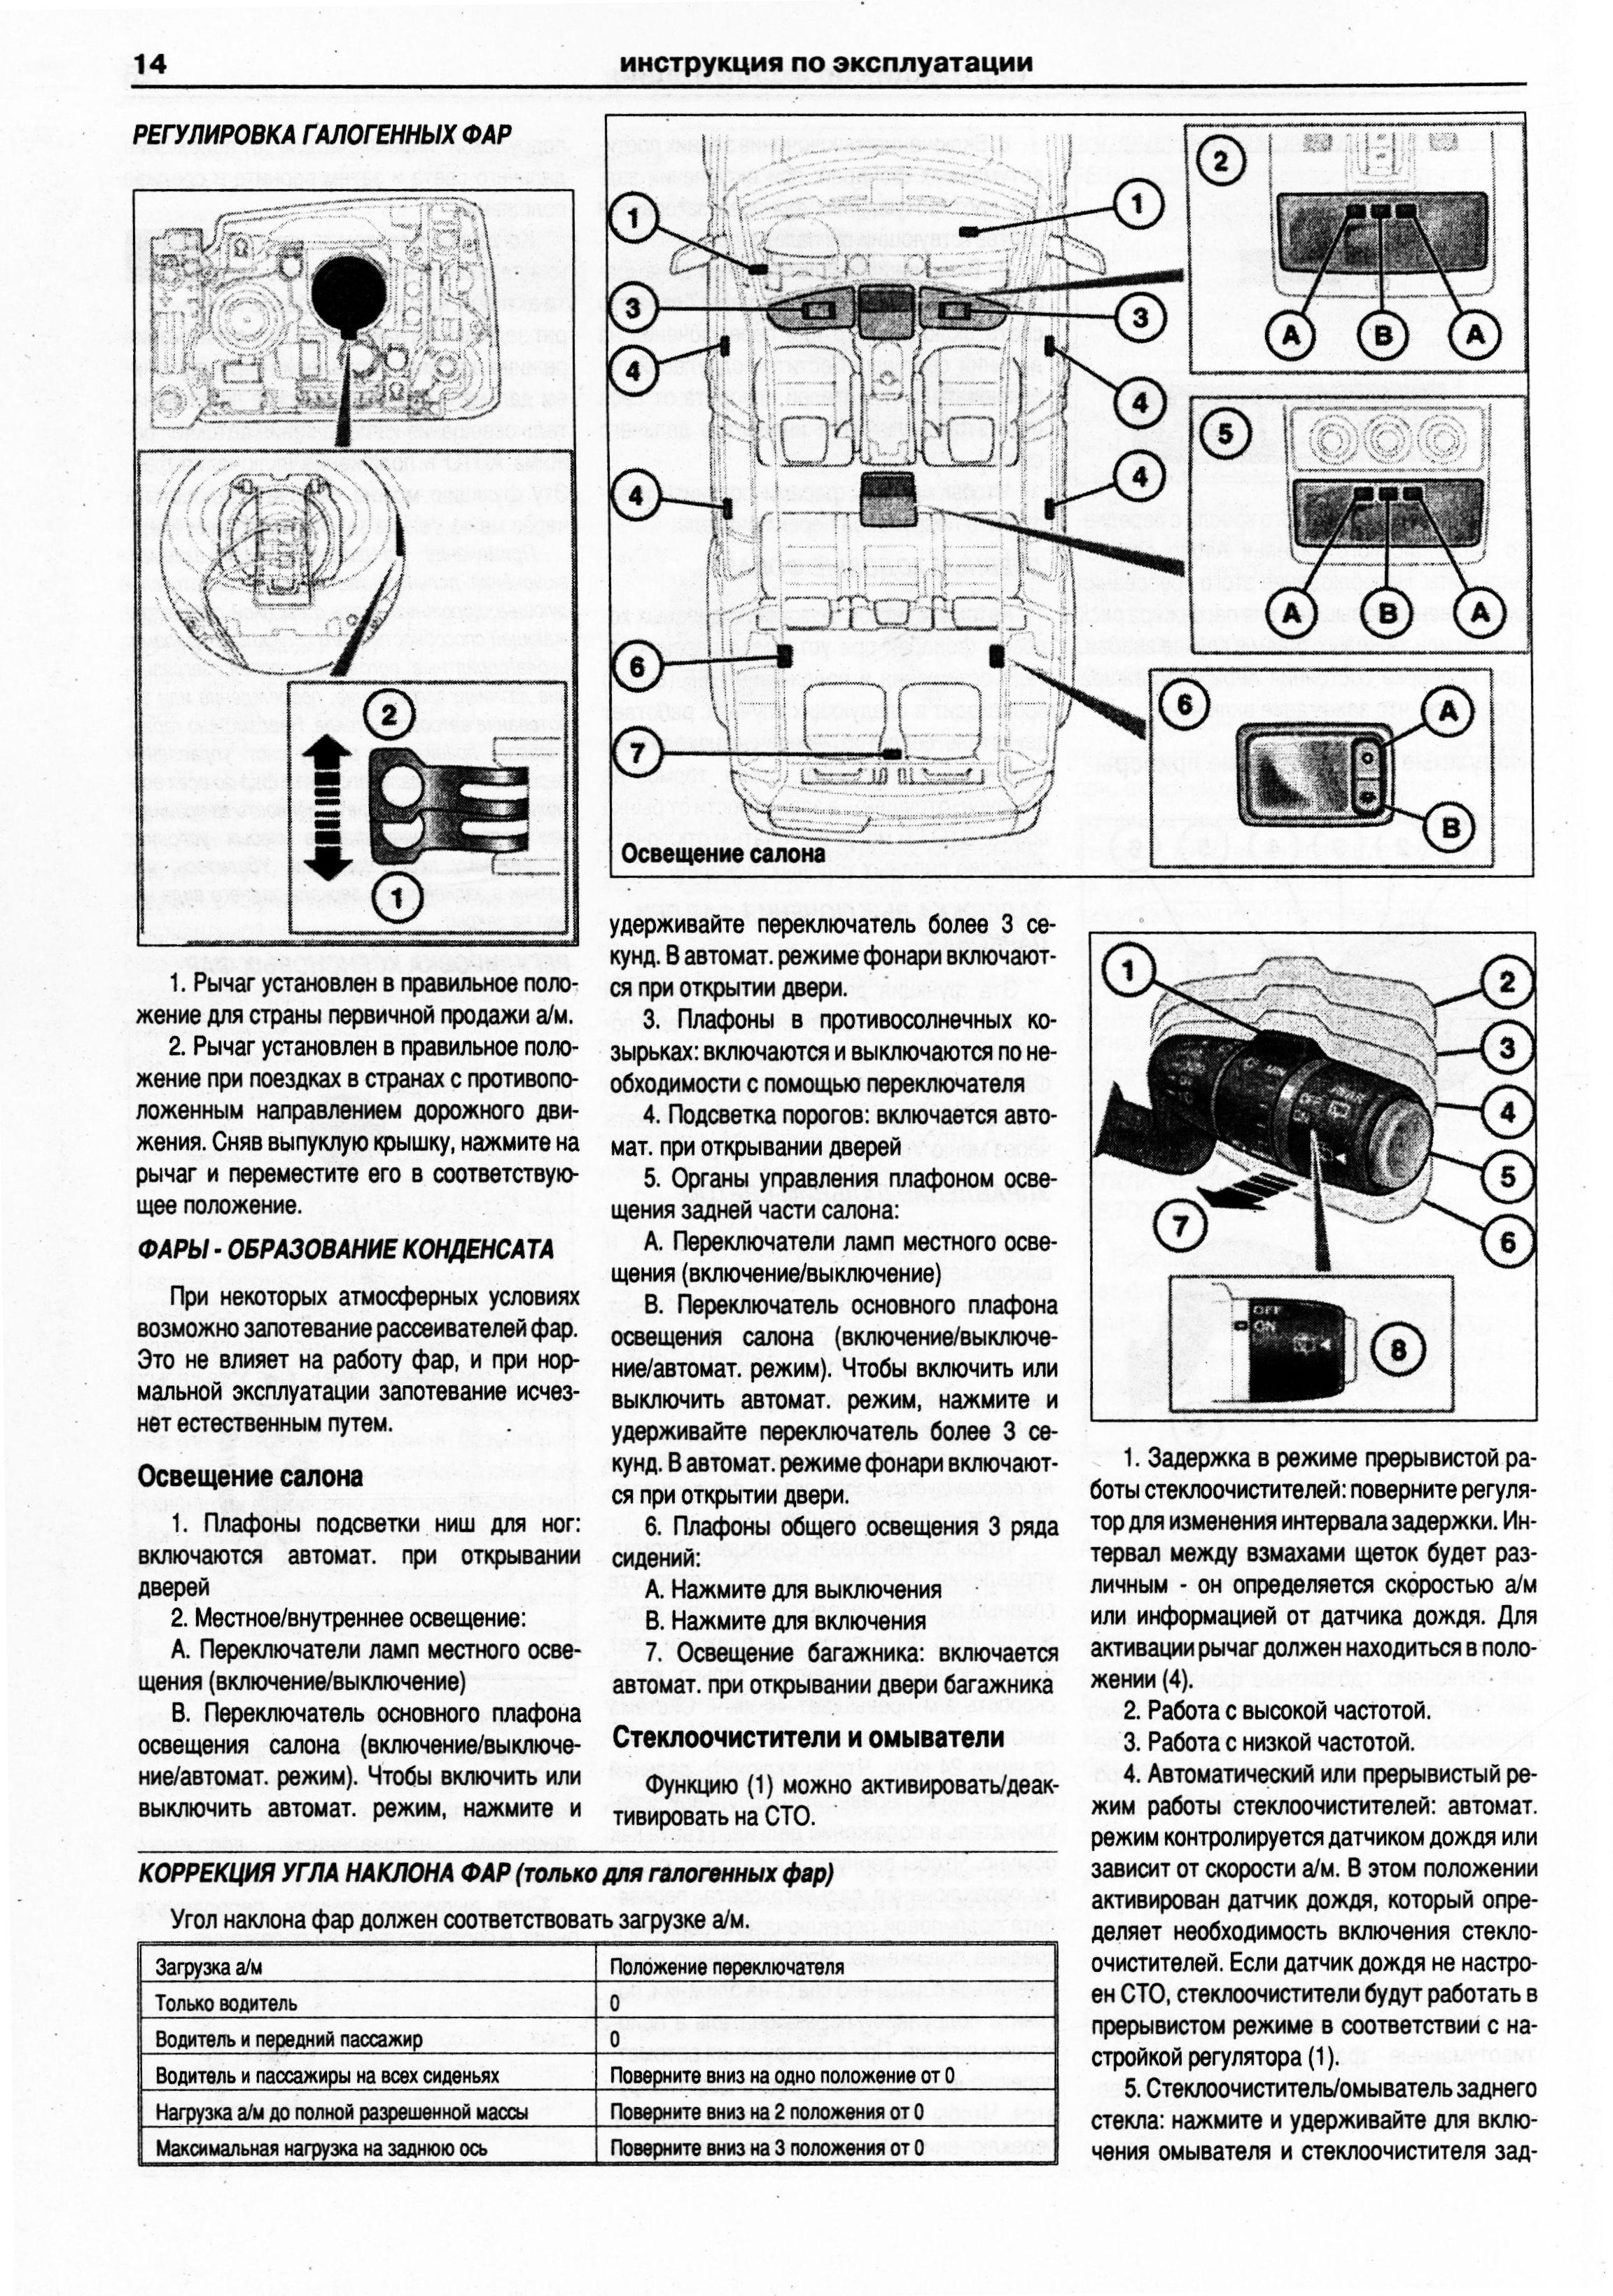 инструкция 18 12-и по применению миродез спрей от 2012 года